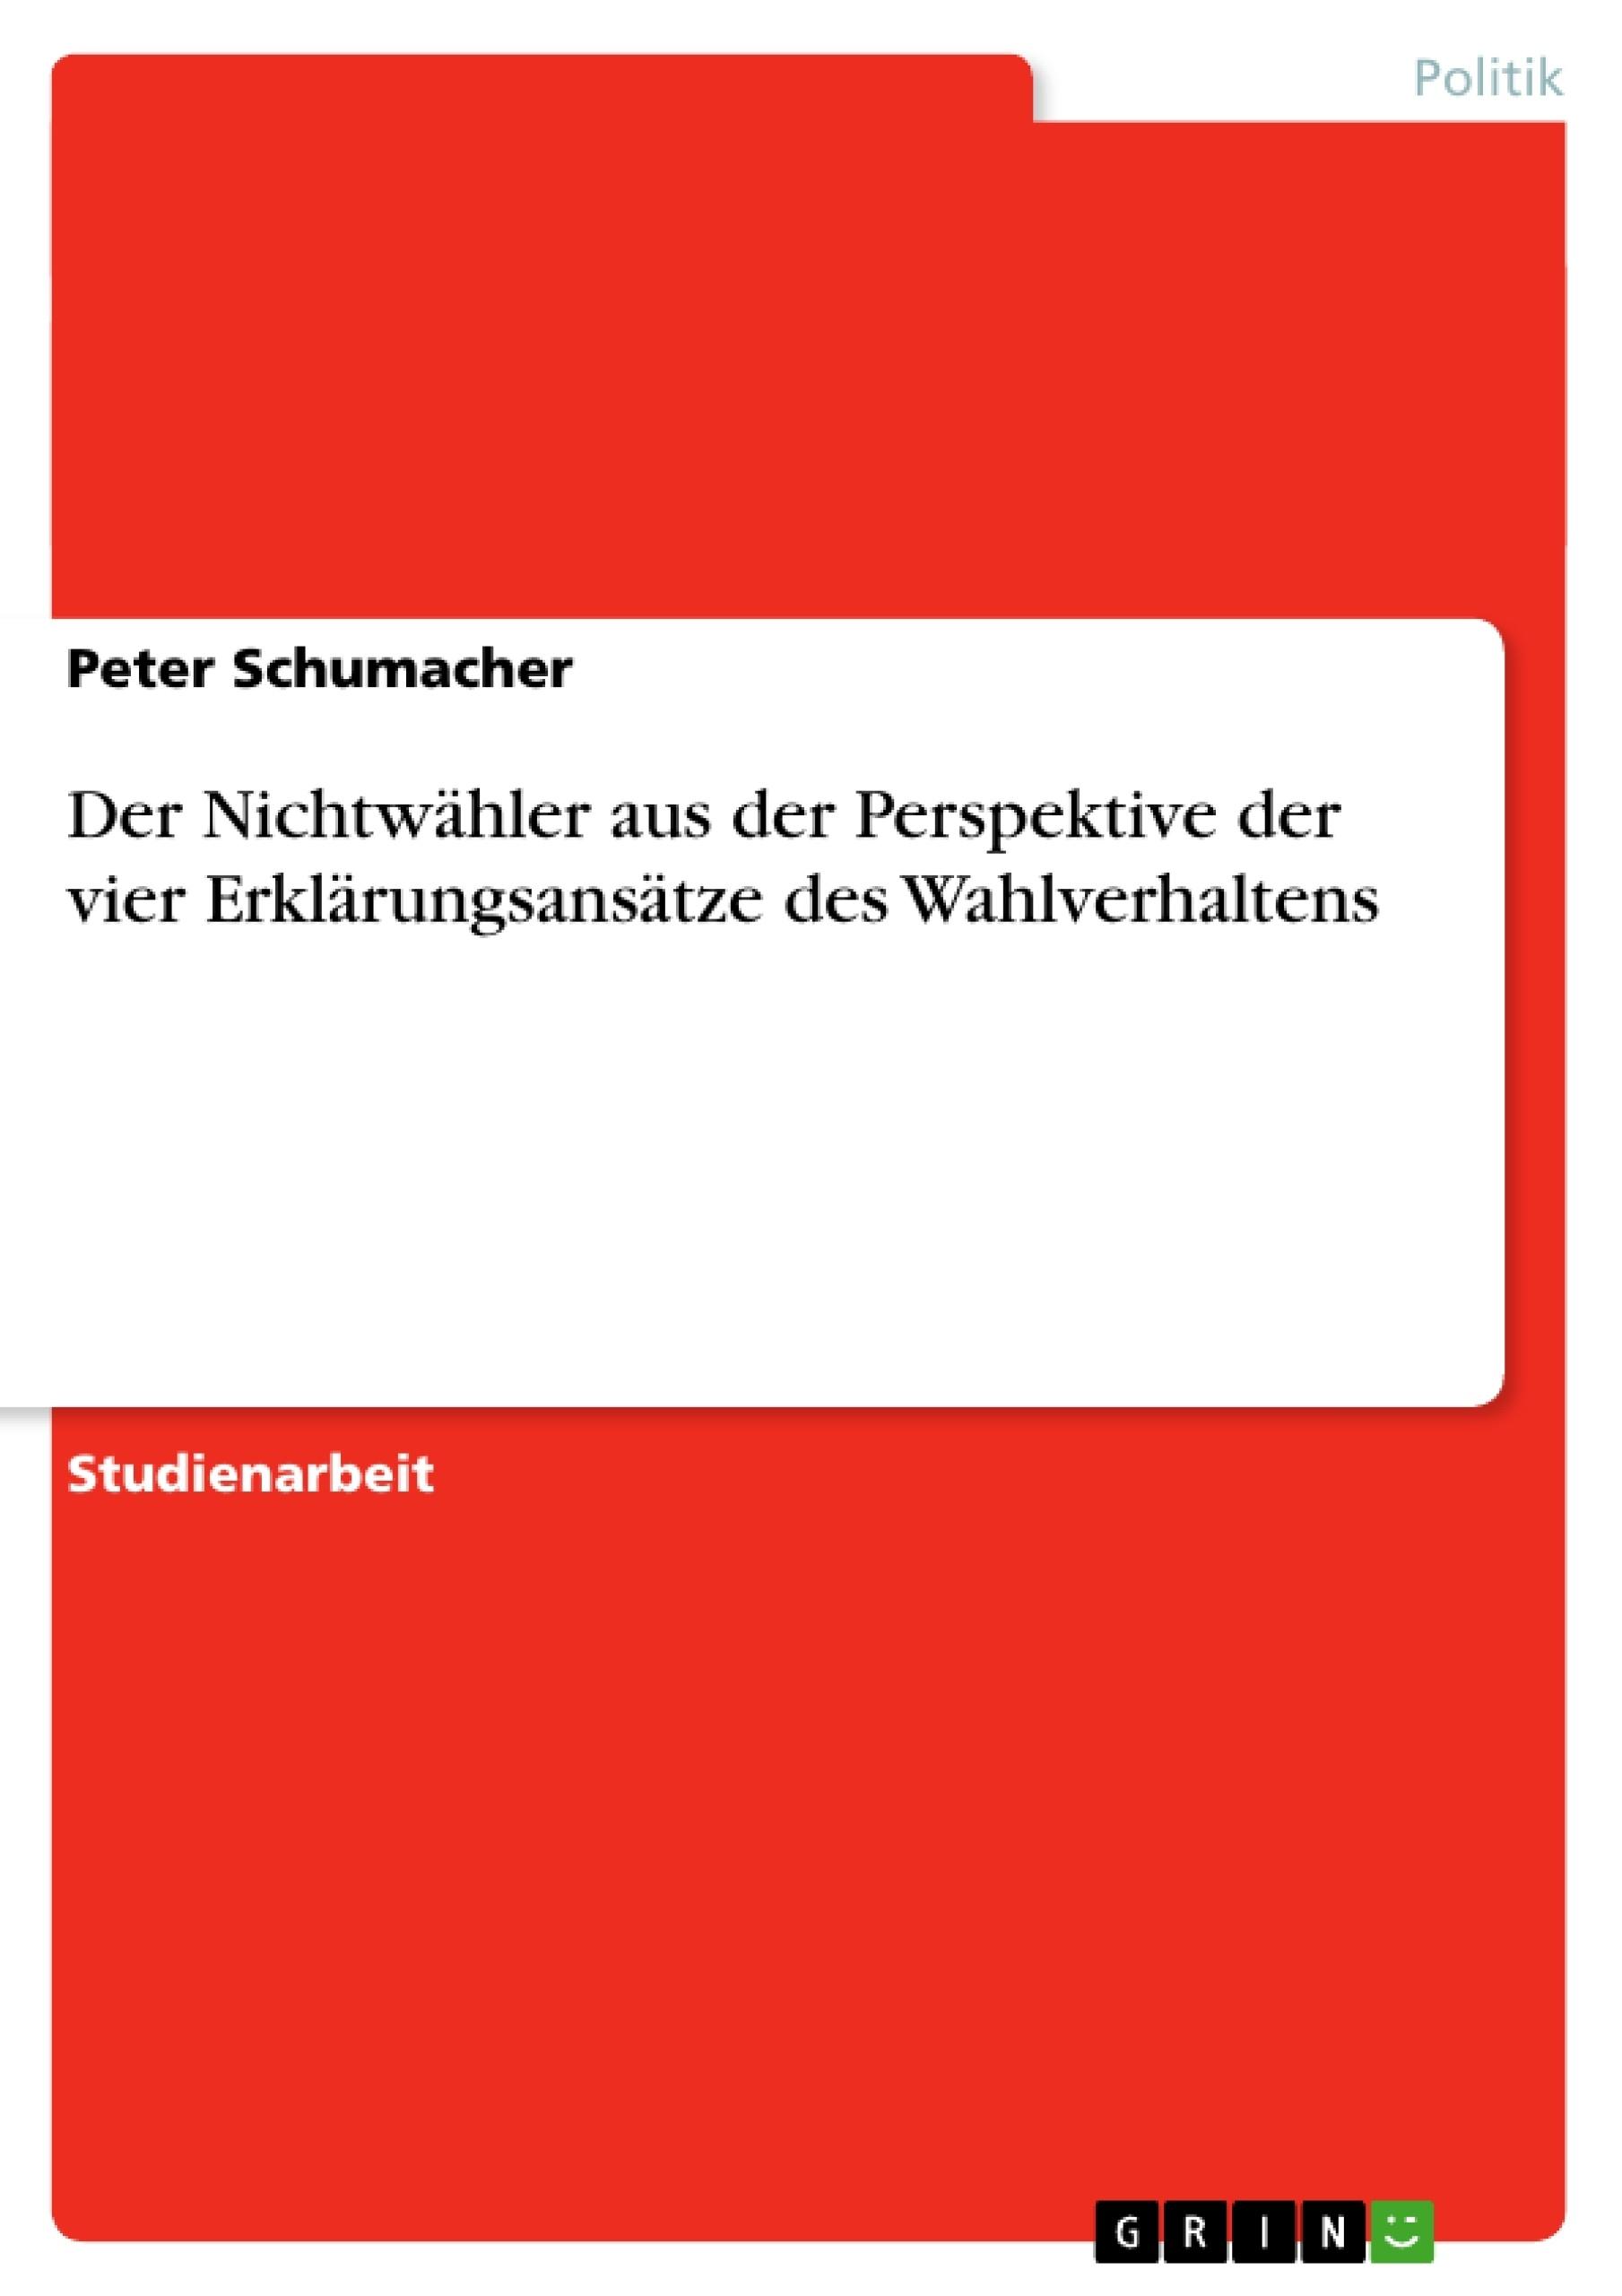 Titel: Der Nichtwähler aus der Perspektive der vier Erklärungsansätze des Wahlverhaltens